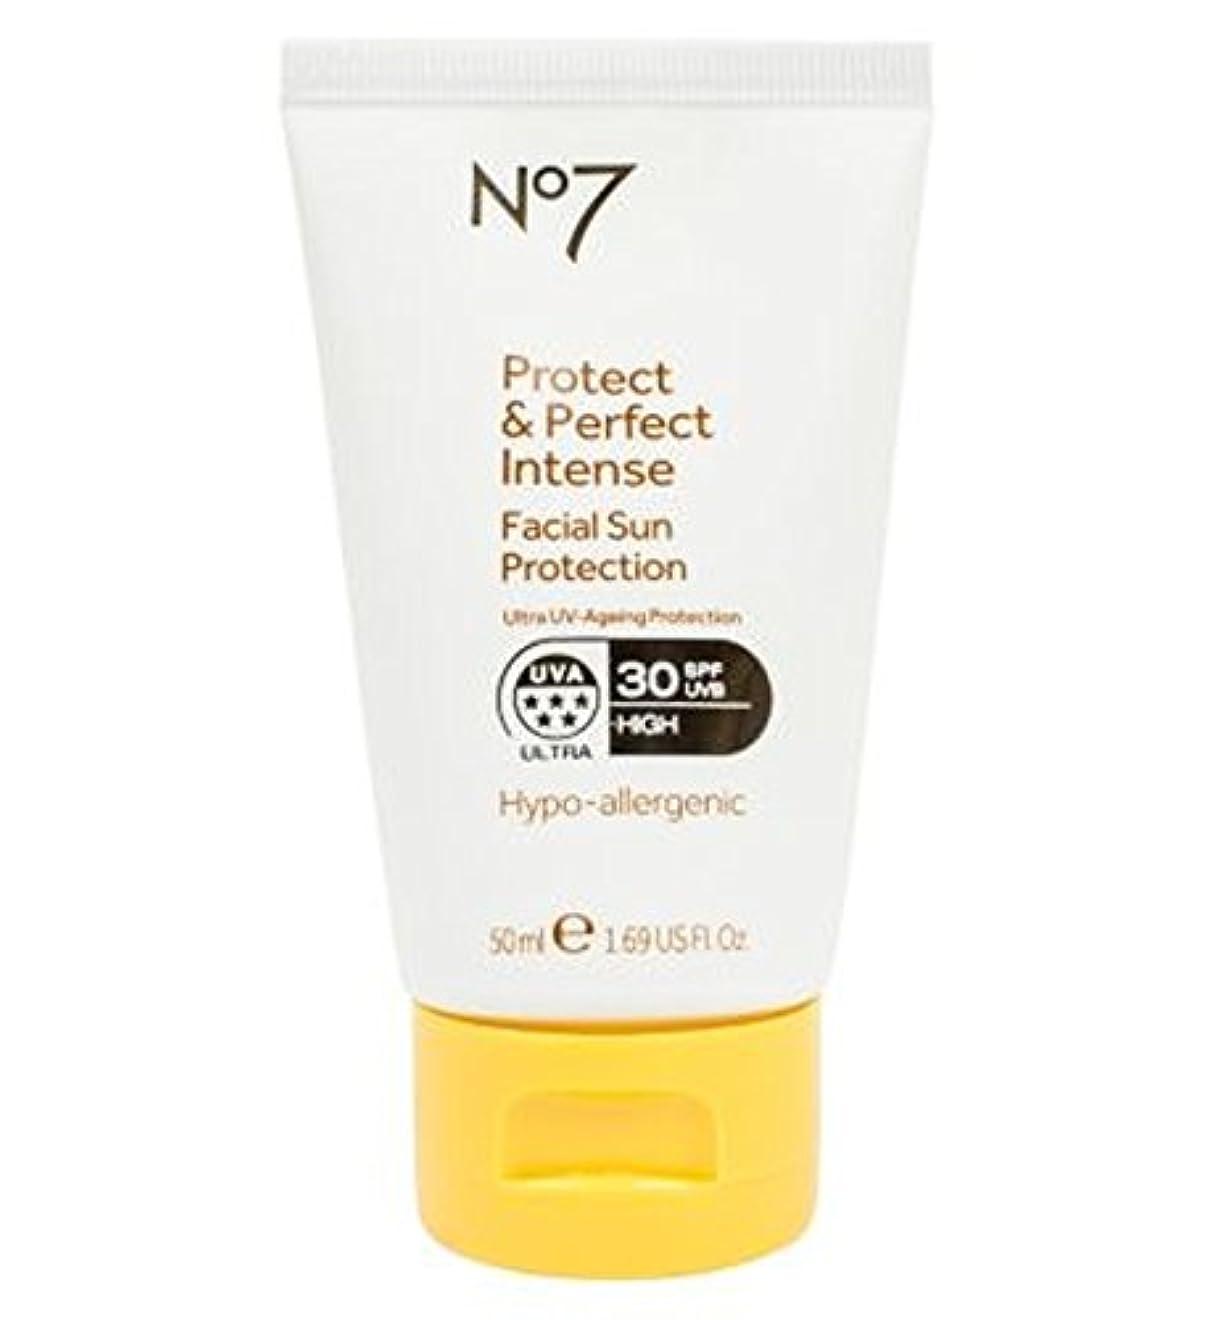 ゆりかご意気消沈した寄稿者No7保護&完璧な強烈な顔の日焼け防止Spf 30 50ミリリットル (No7) (x2) - No7 Protect & Perfect Intense Facial Sun Protection SPF 30 50ml (Pack of 2) [並行輸入品]